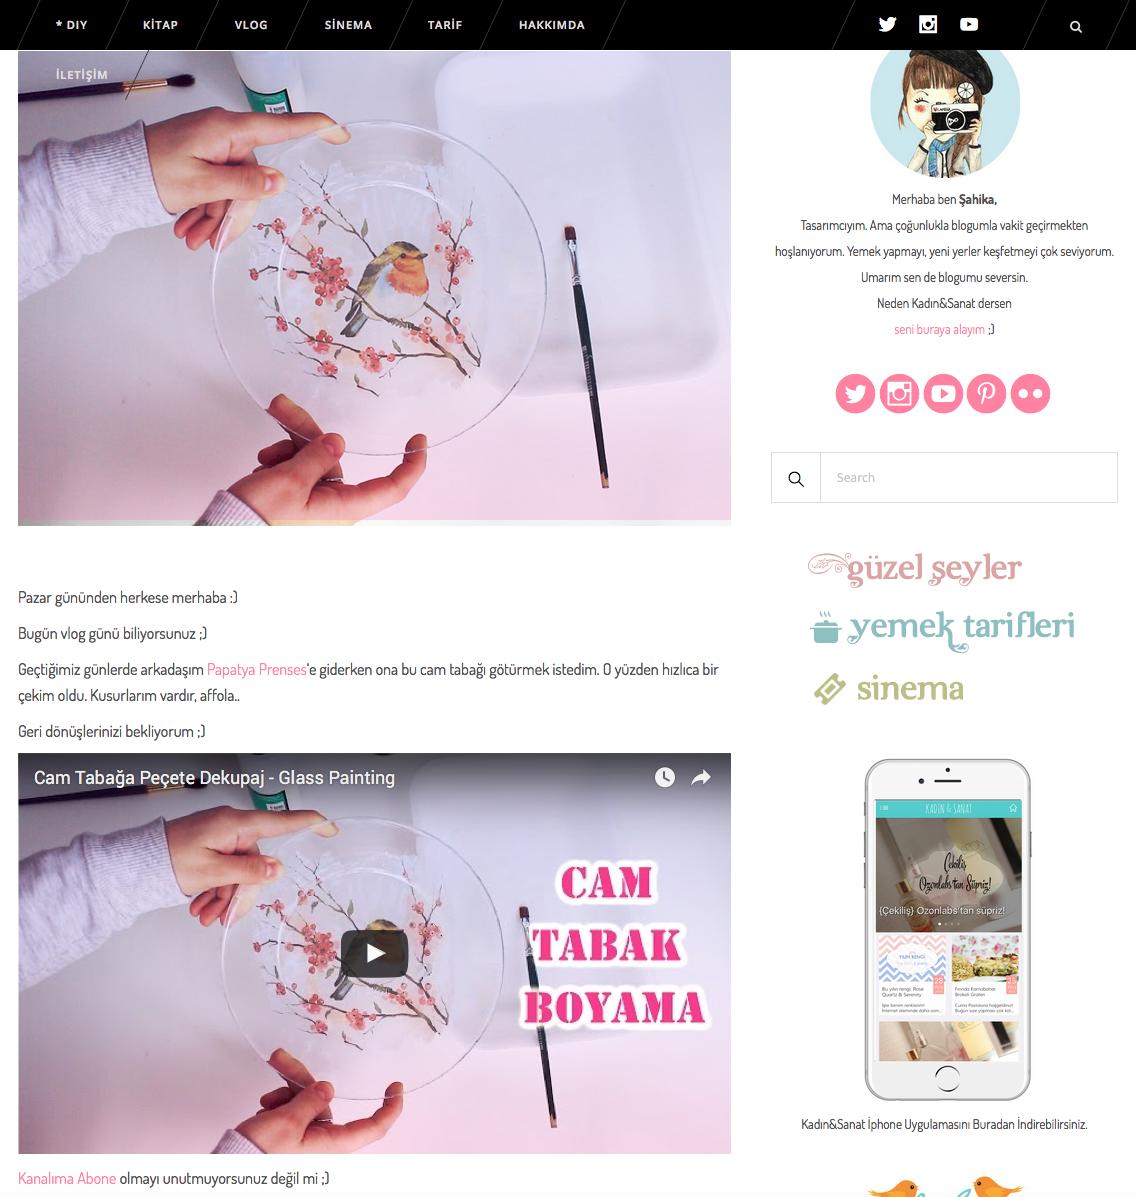 WordPress'de YouTube videolarının düzgün görüntülenmesi için plugin: Fluidvids